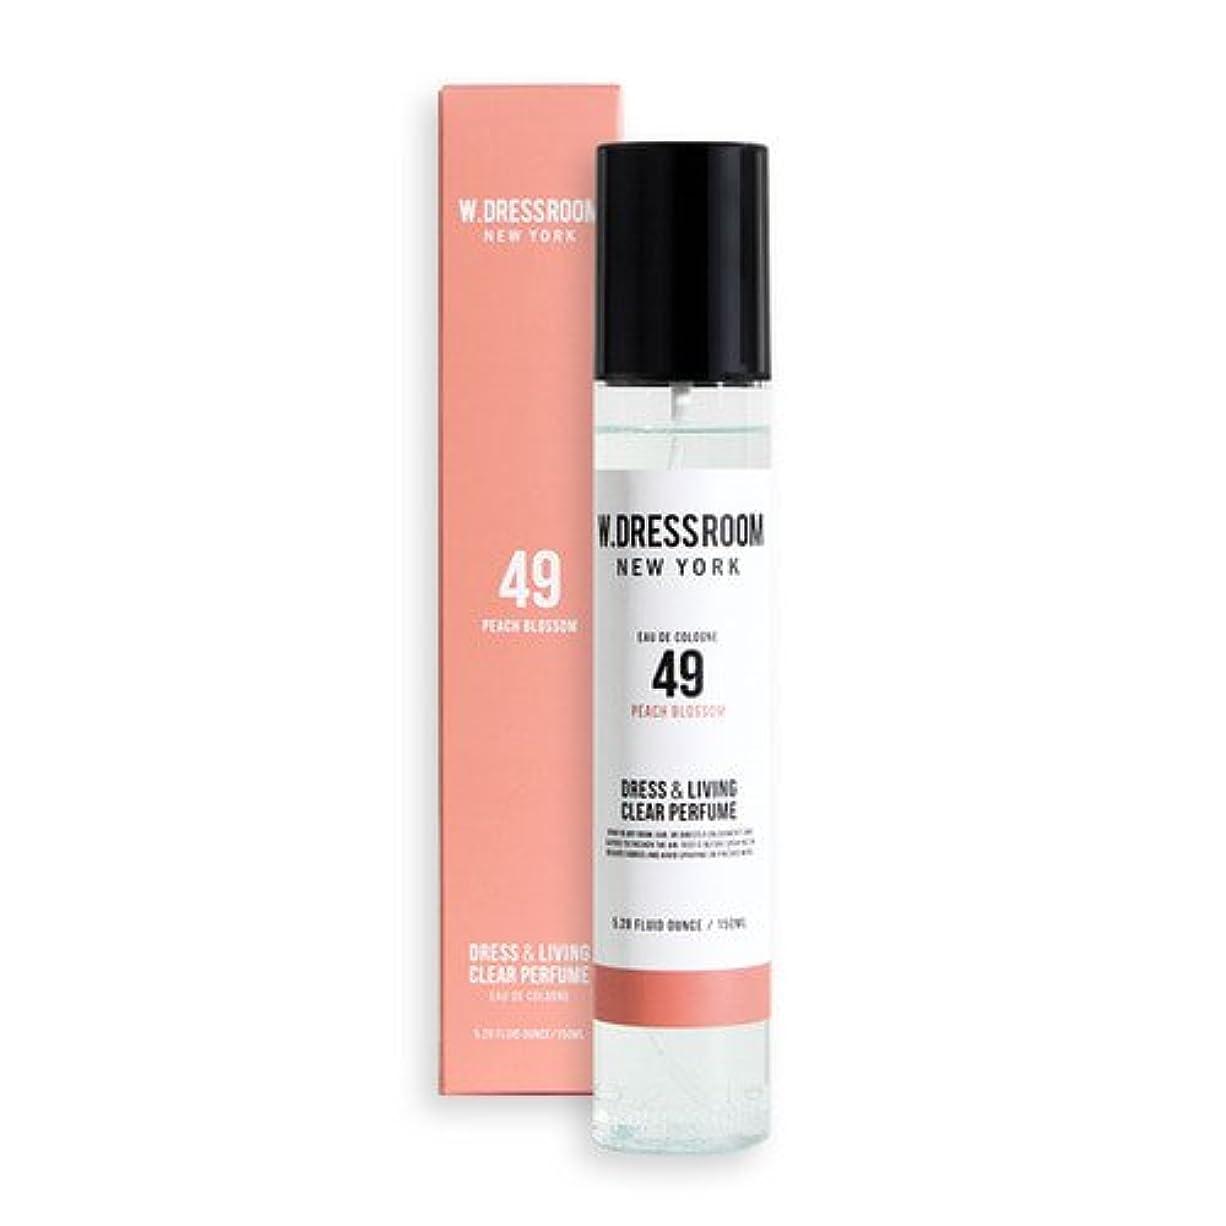 喜び雪だるまを作る気難しいW.DRESSROOM Dress & Living Clear Perfume 150ml/ダブルドレスルーム ドレス&リビング クリア パフューム 150ml (#No.49 Peach Blossom) [並行輸入品]